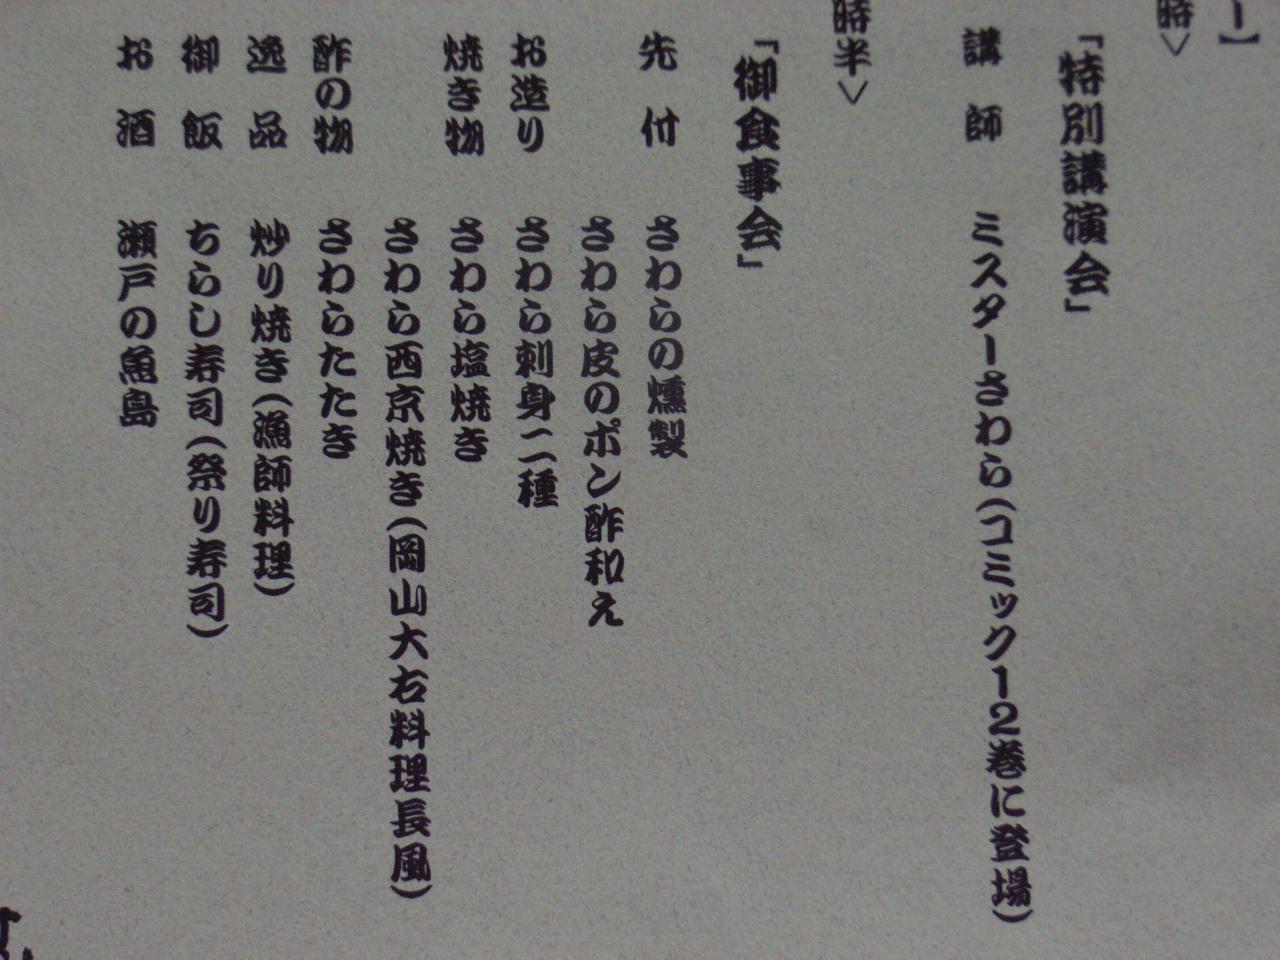 11月18日(土) 岡山のさわらを食べる!_d0082944_075158.jpg